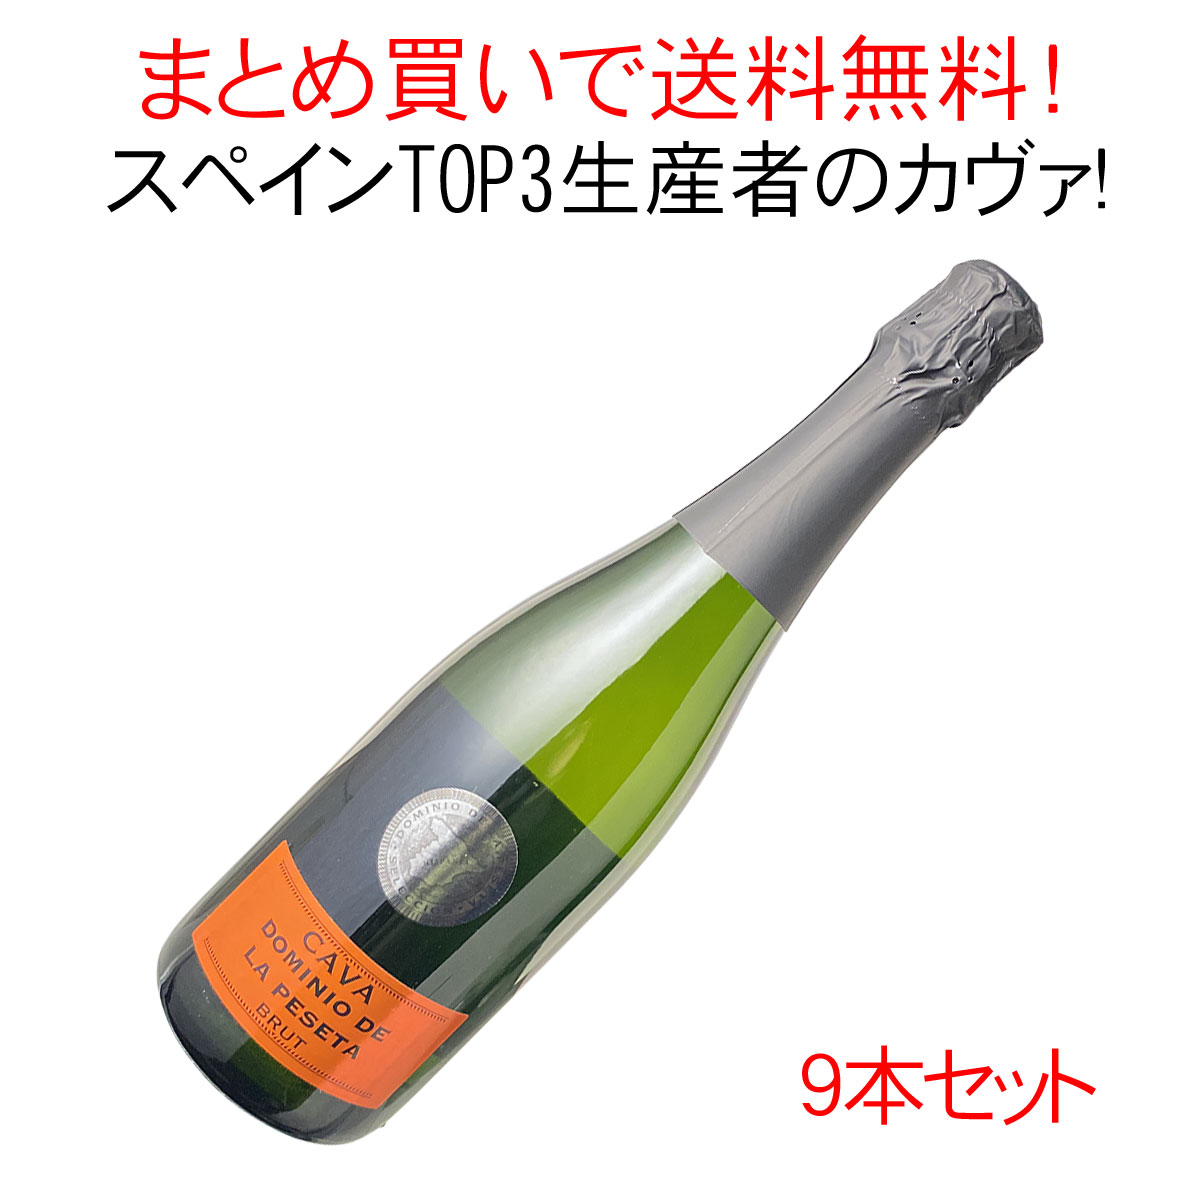 【送料無料】カヴァ ドミニオ・デ・ラ・ペセタ ブリュット NV 1ケース9本セット <ワイン/スパークリング>